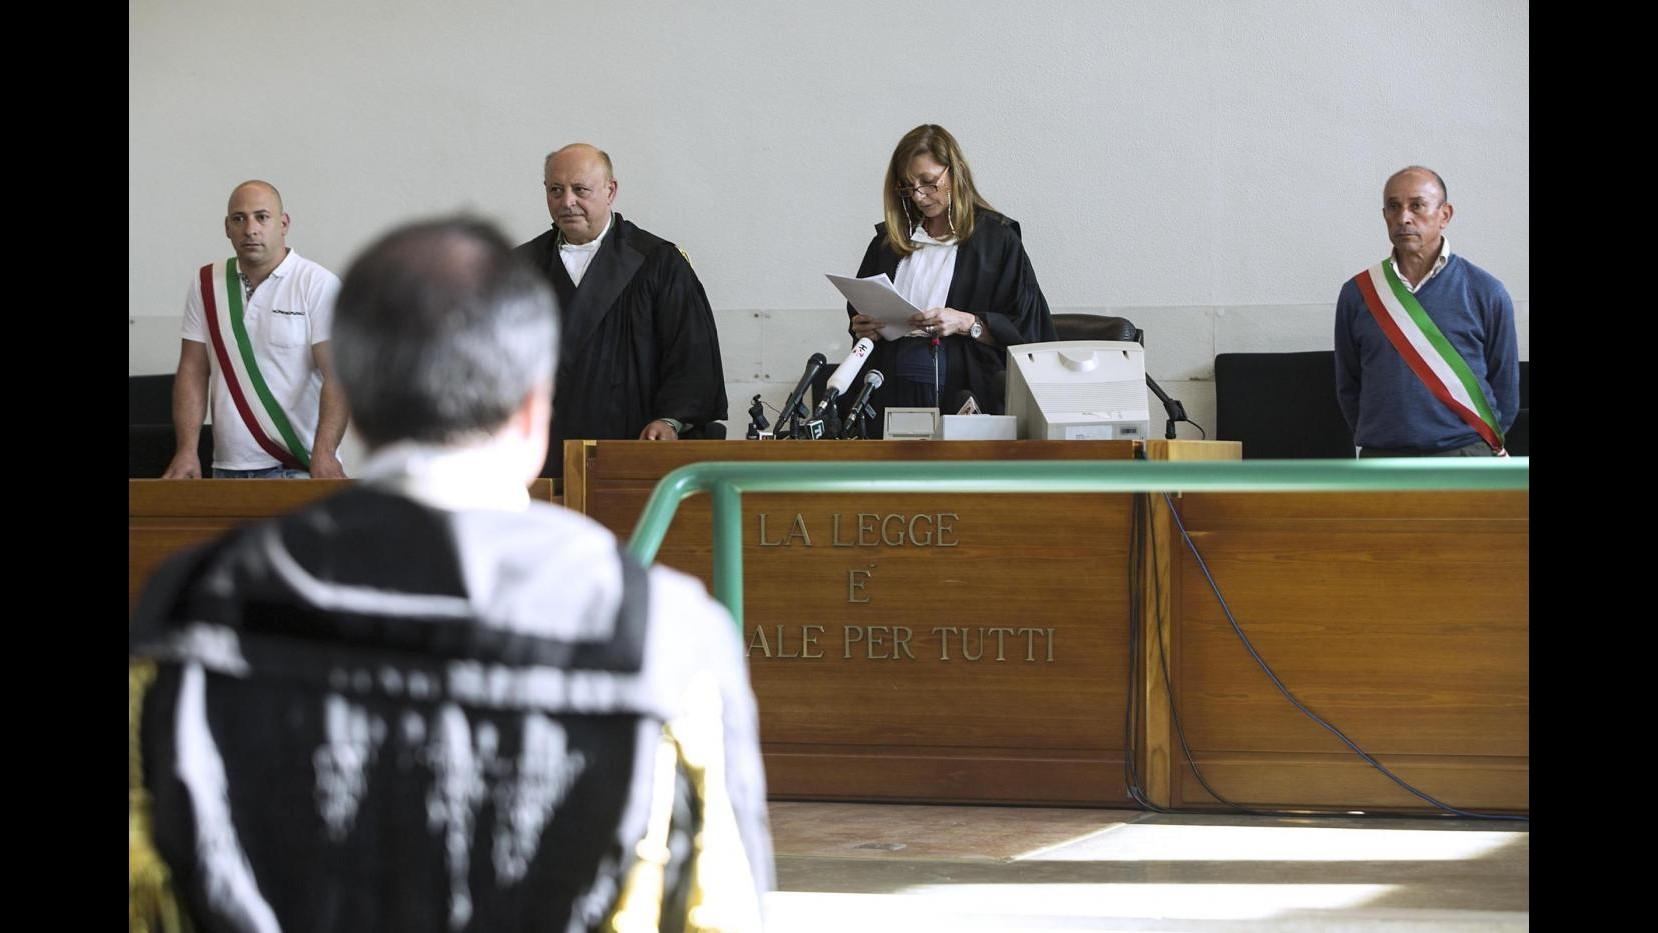 Roma, italiani 'desaparecidos' in America Latina: si apre processo